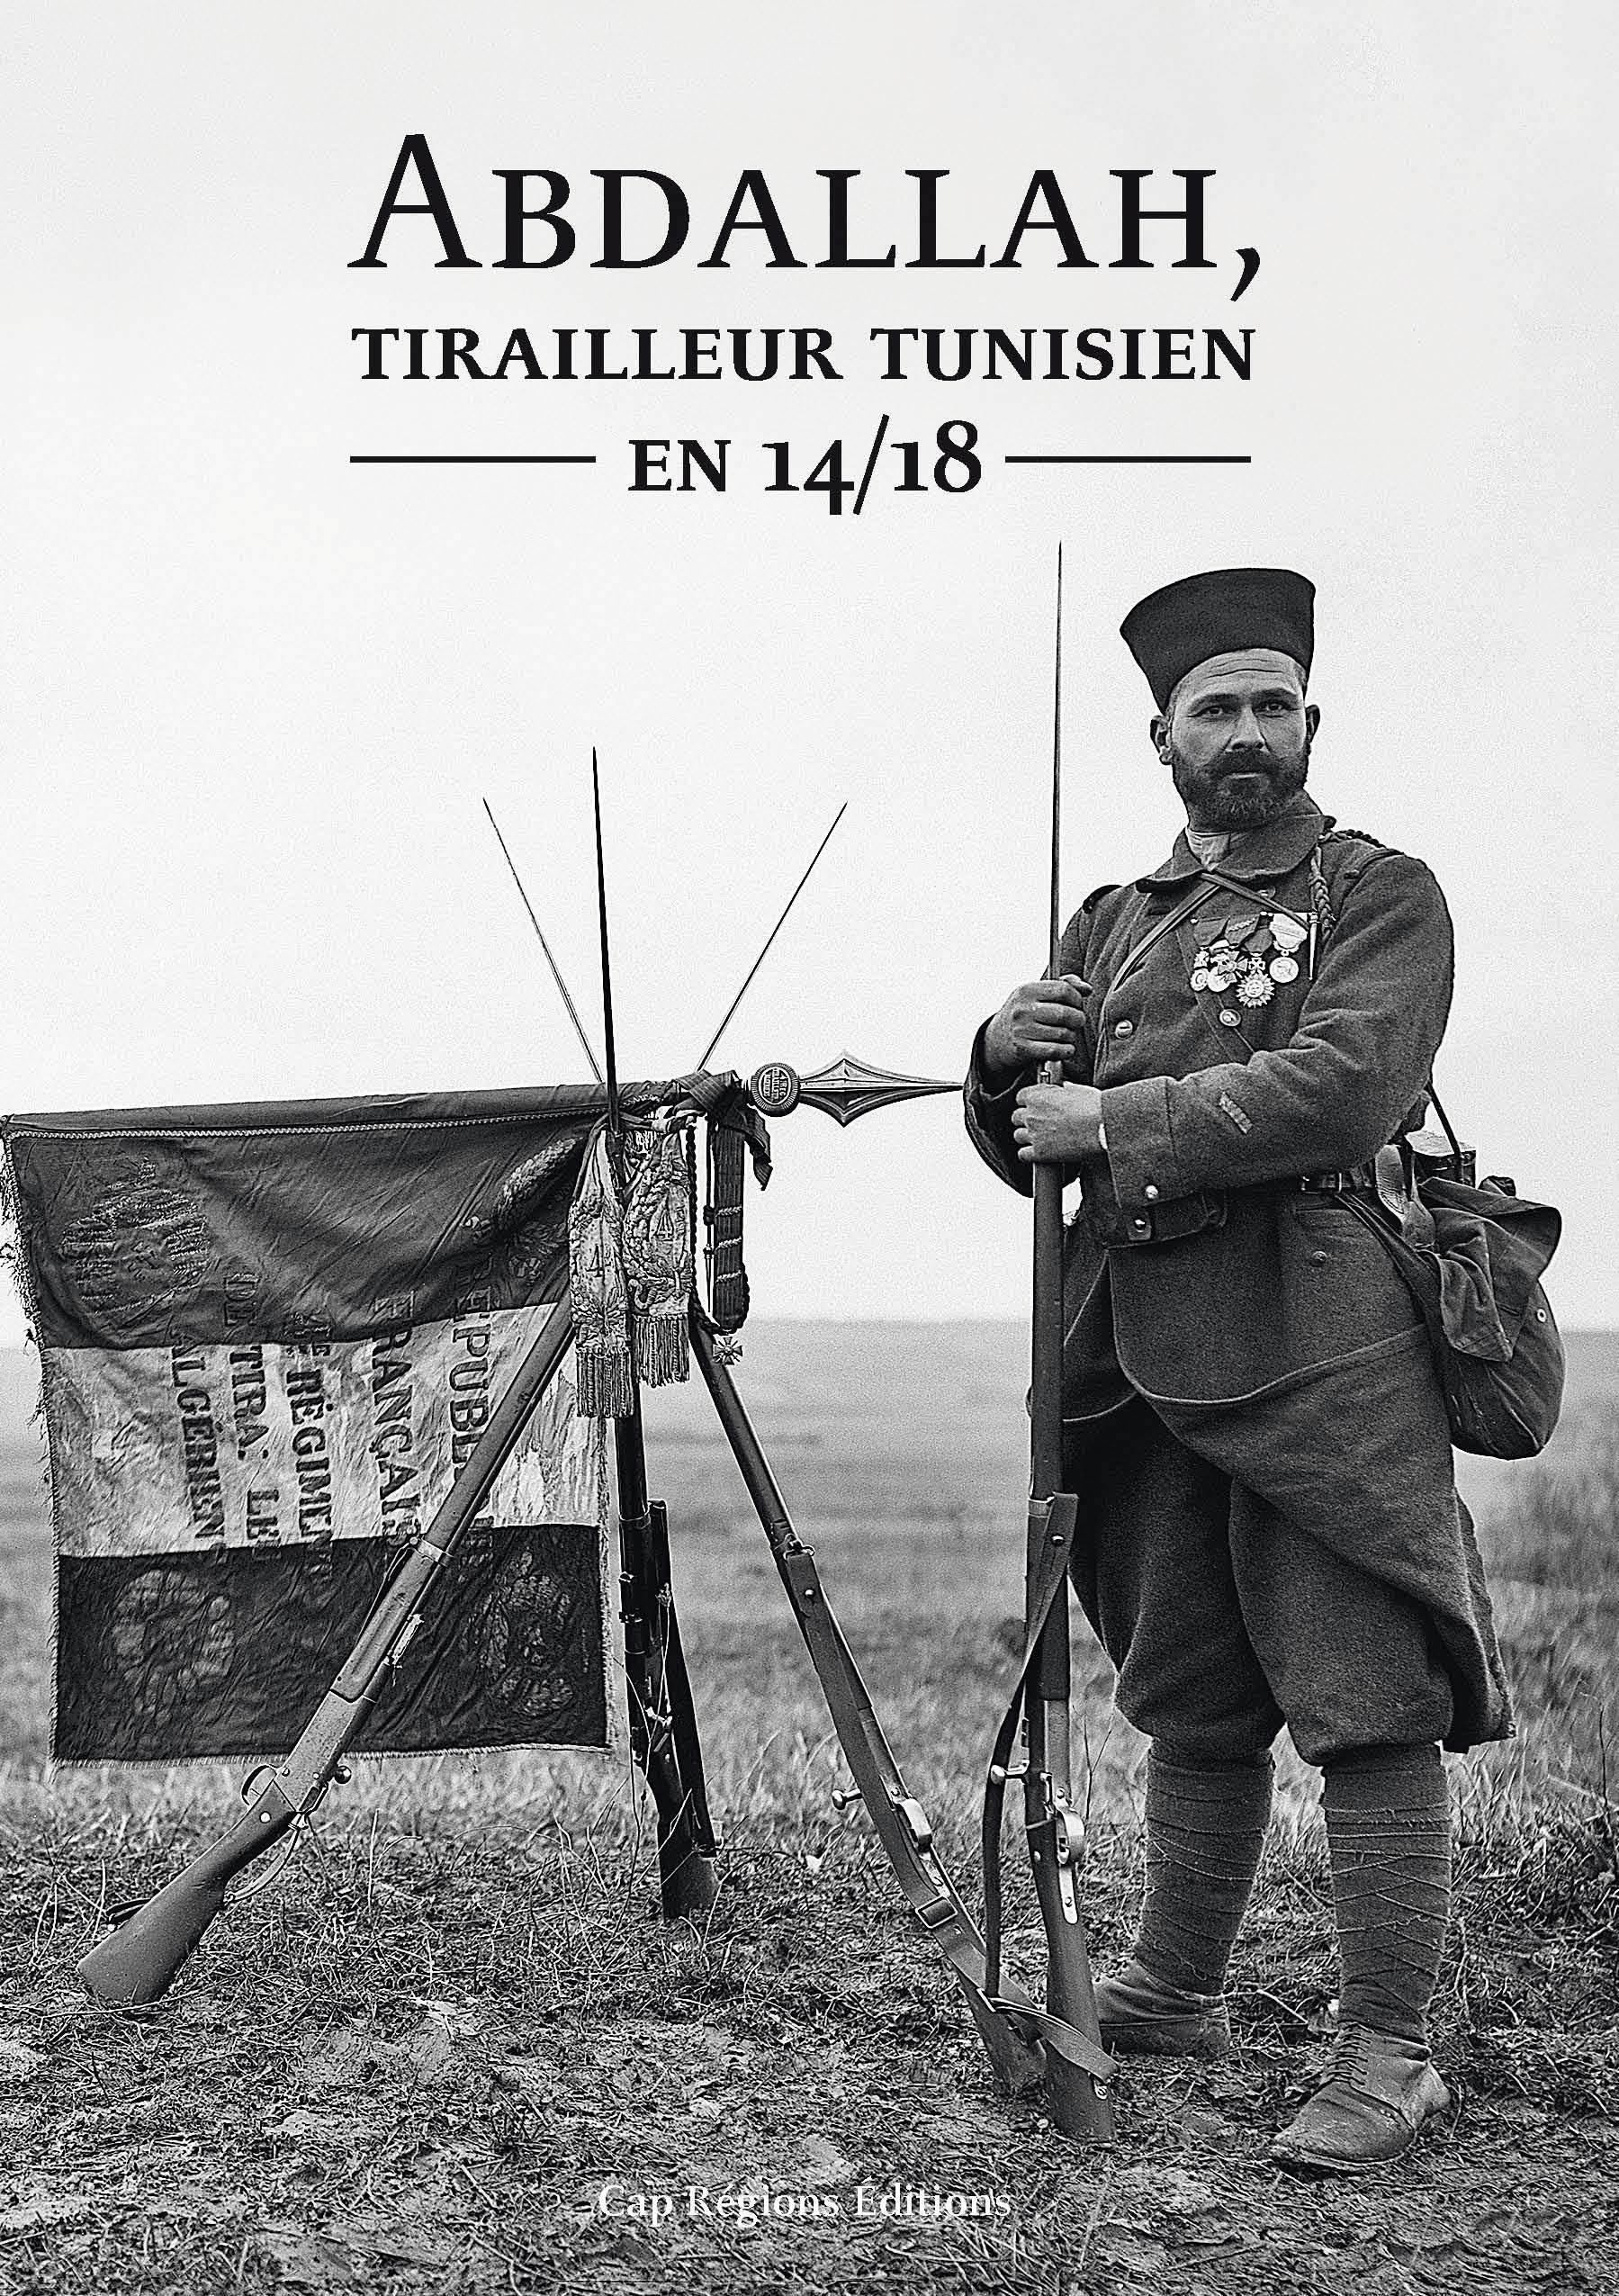 ABDALLAH, TIRAILLEUR TUNISIEN EN 14/18